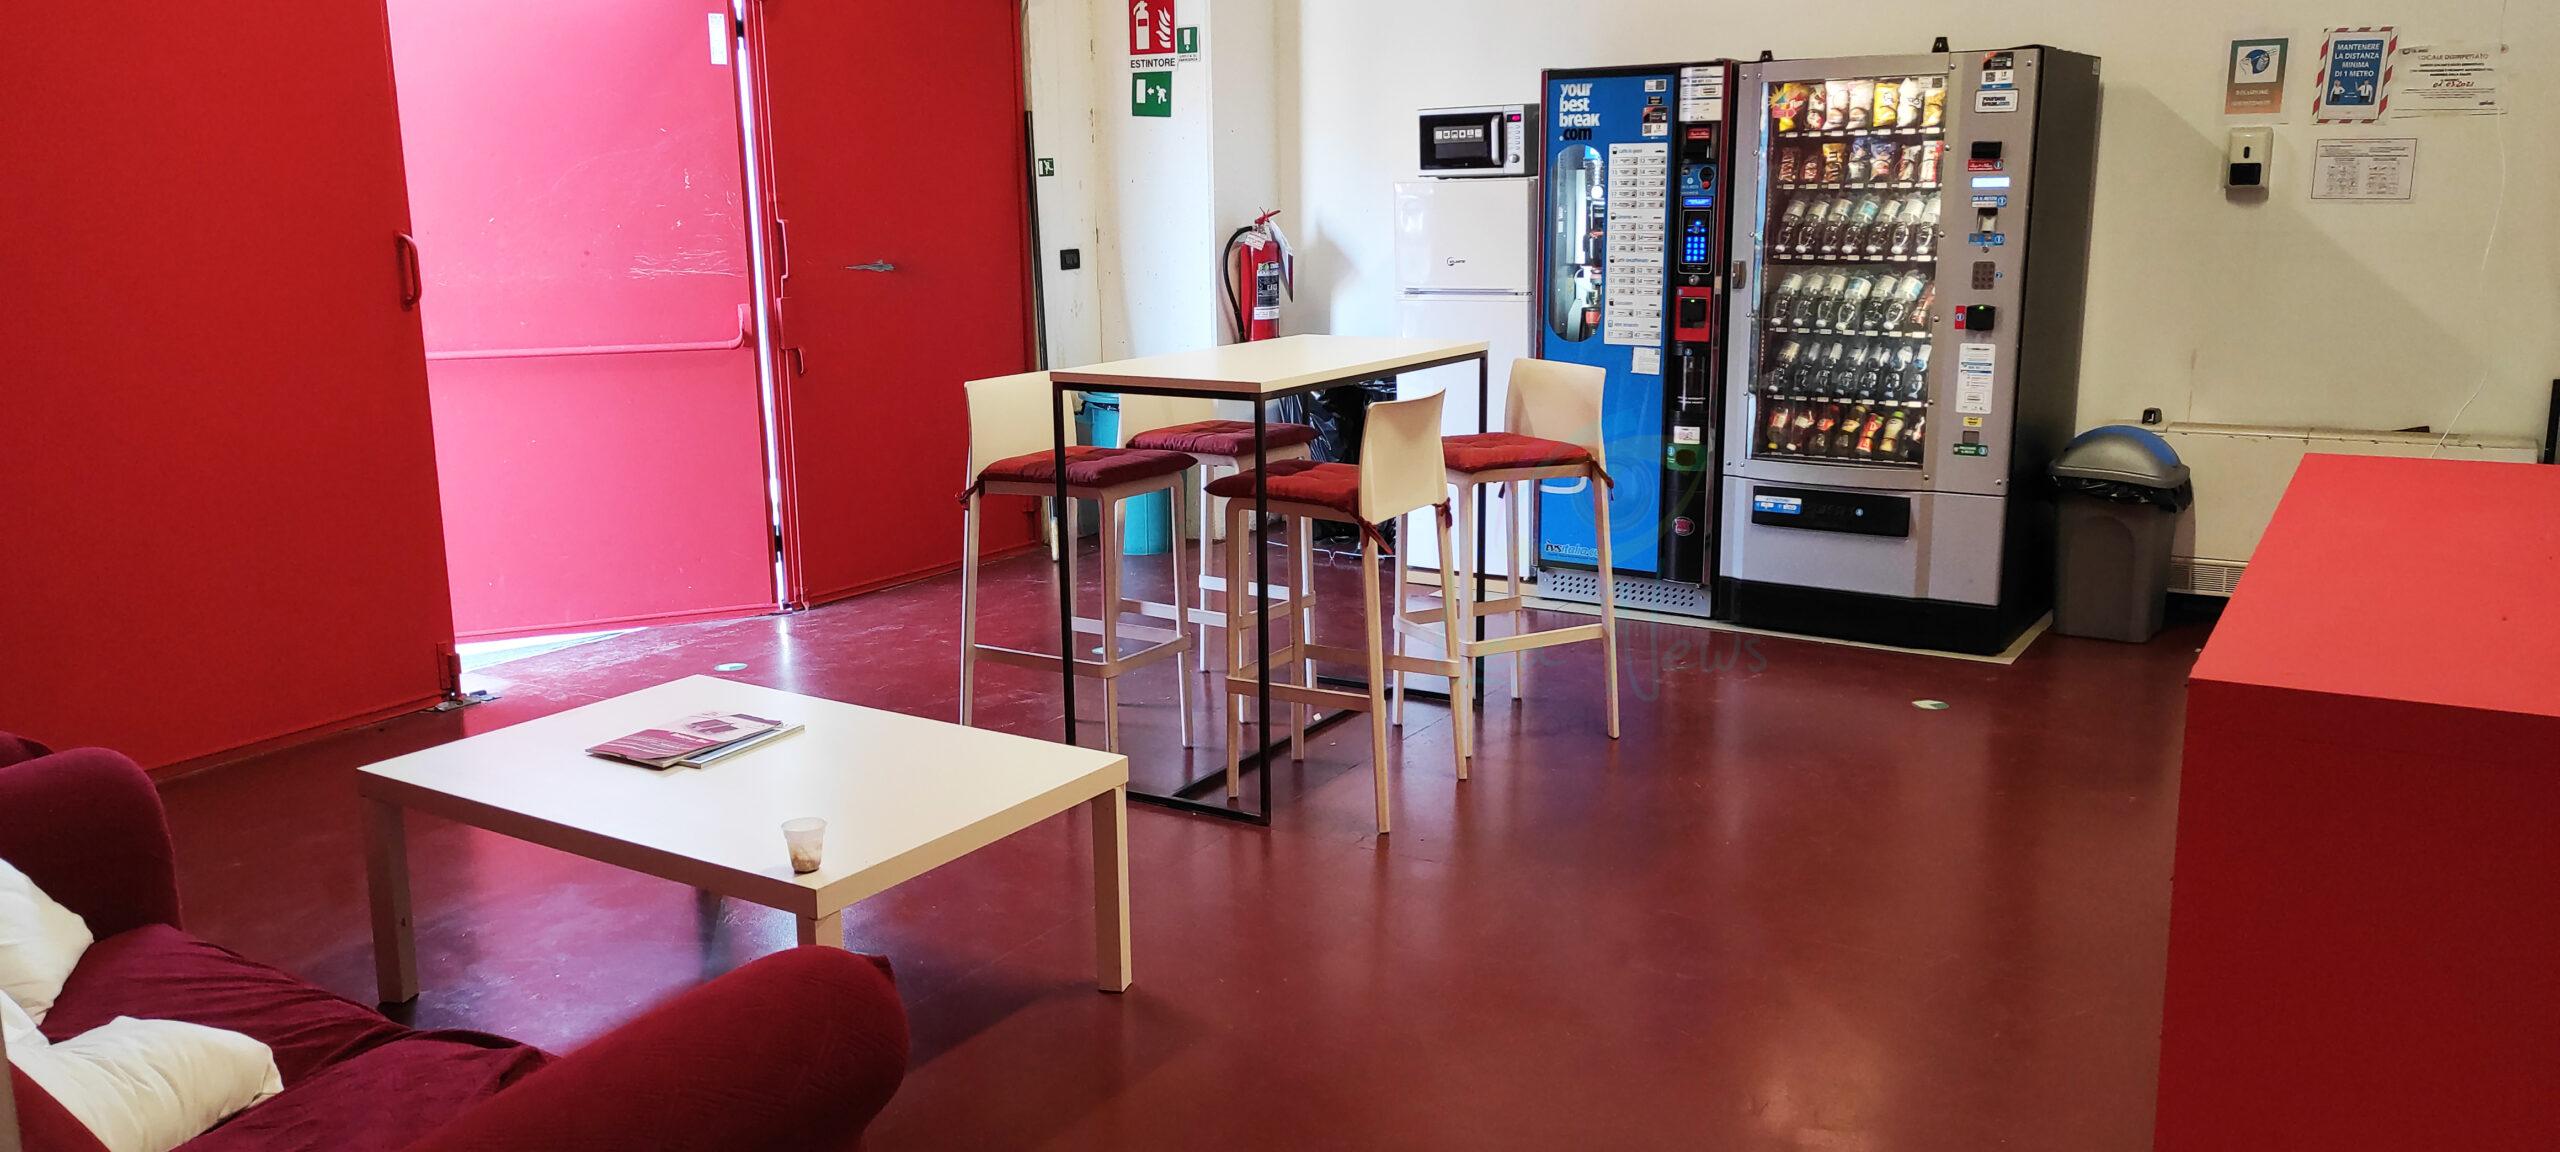 area ristoro di lea news production